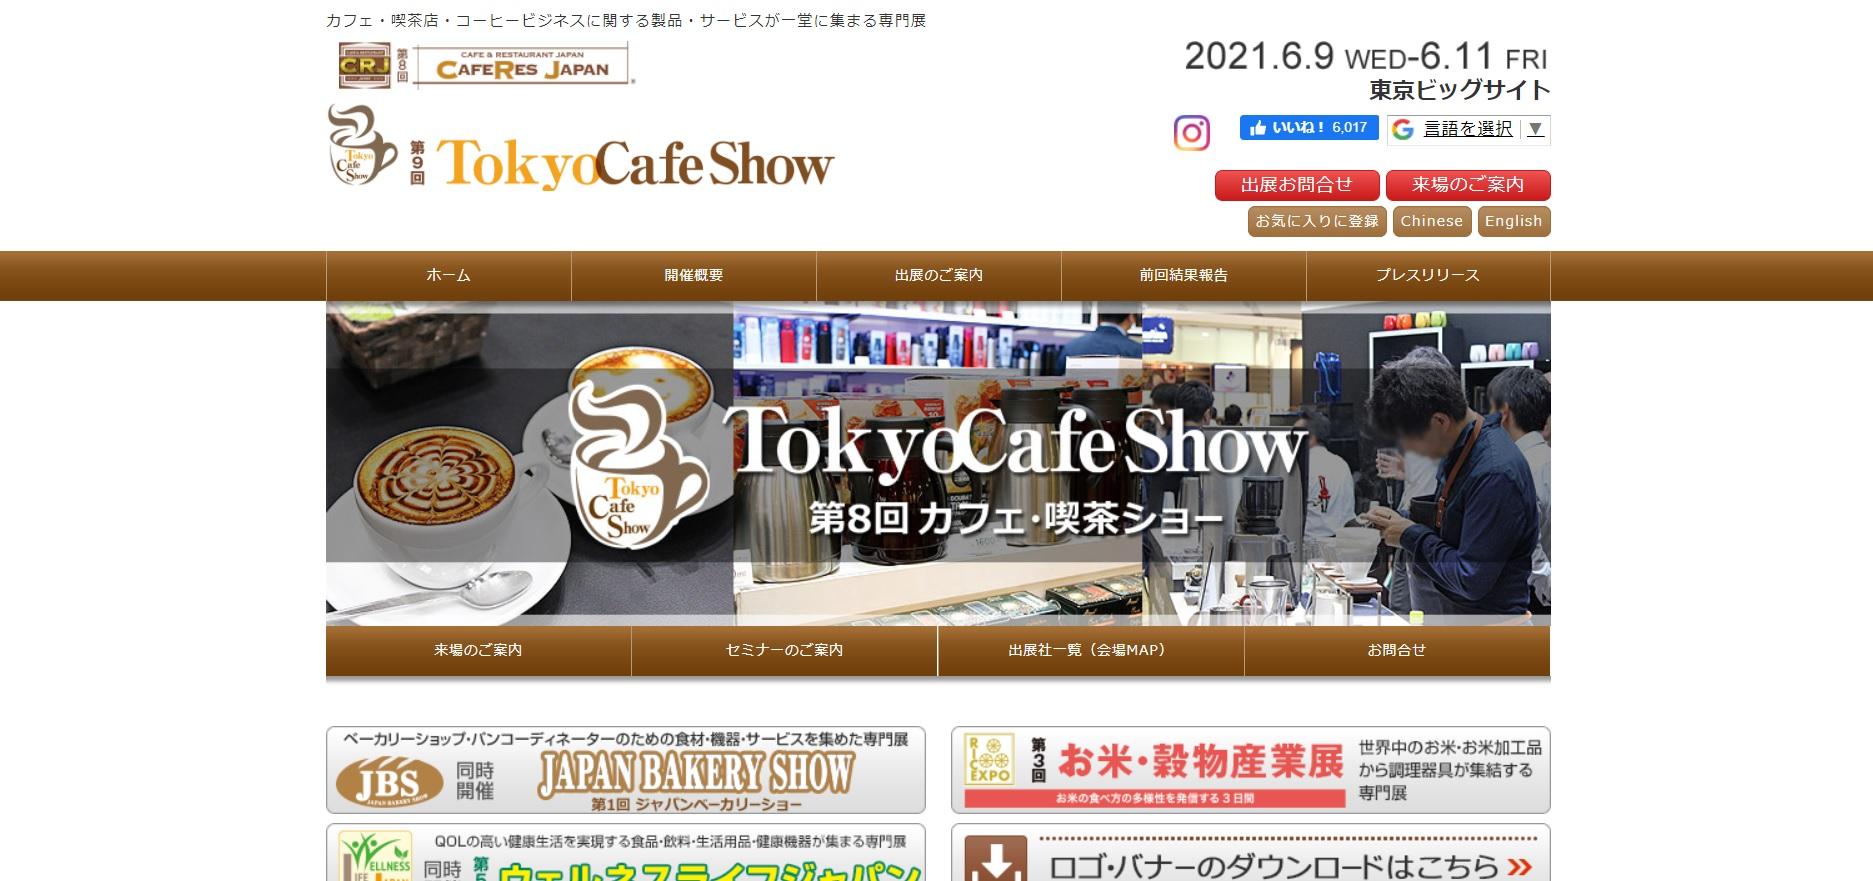 東京カフェショー2021